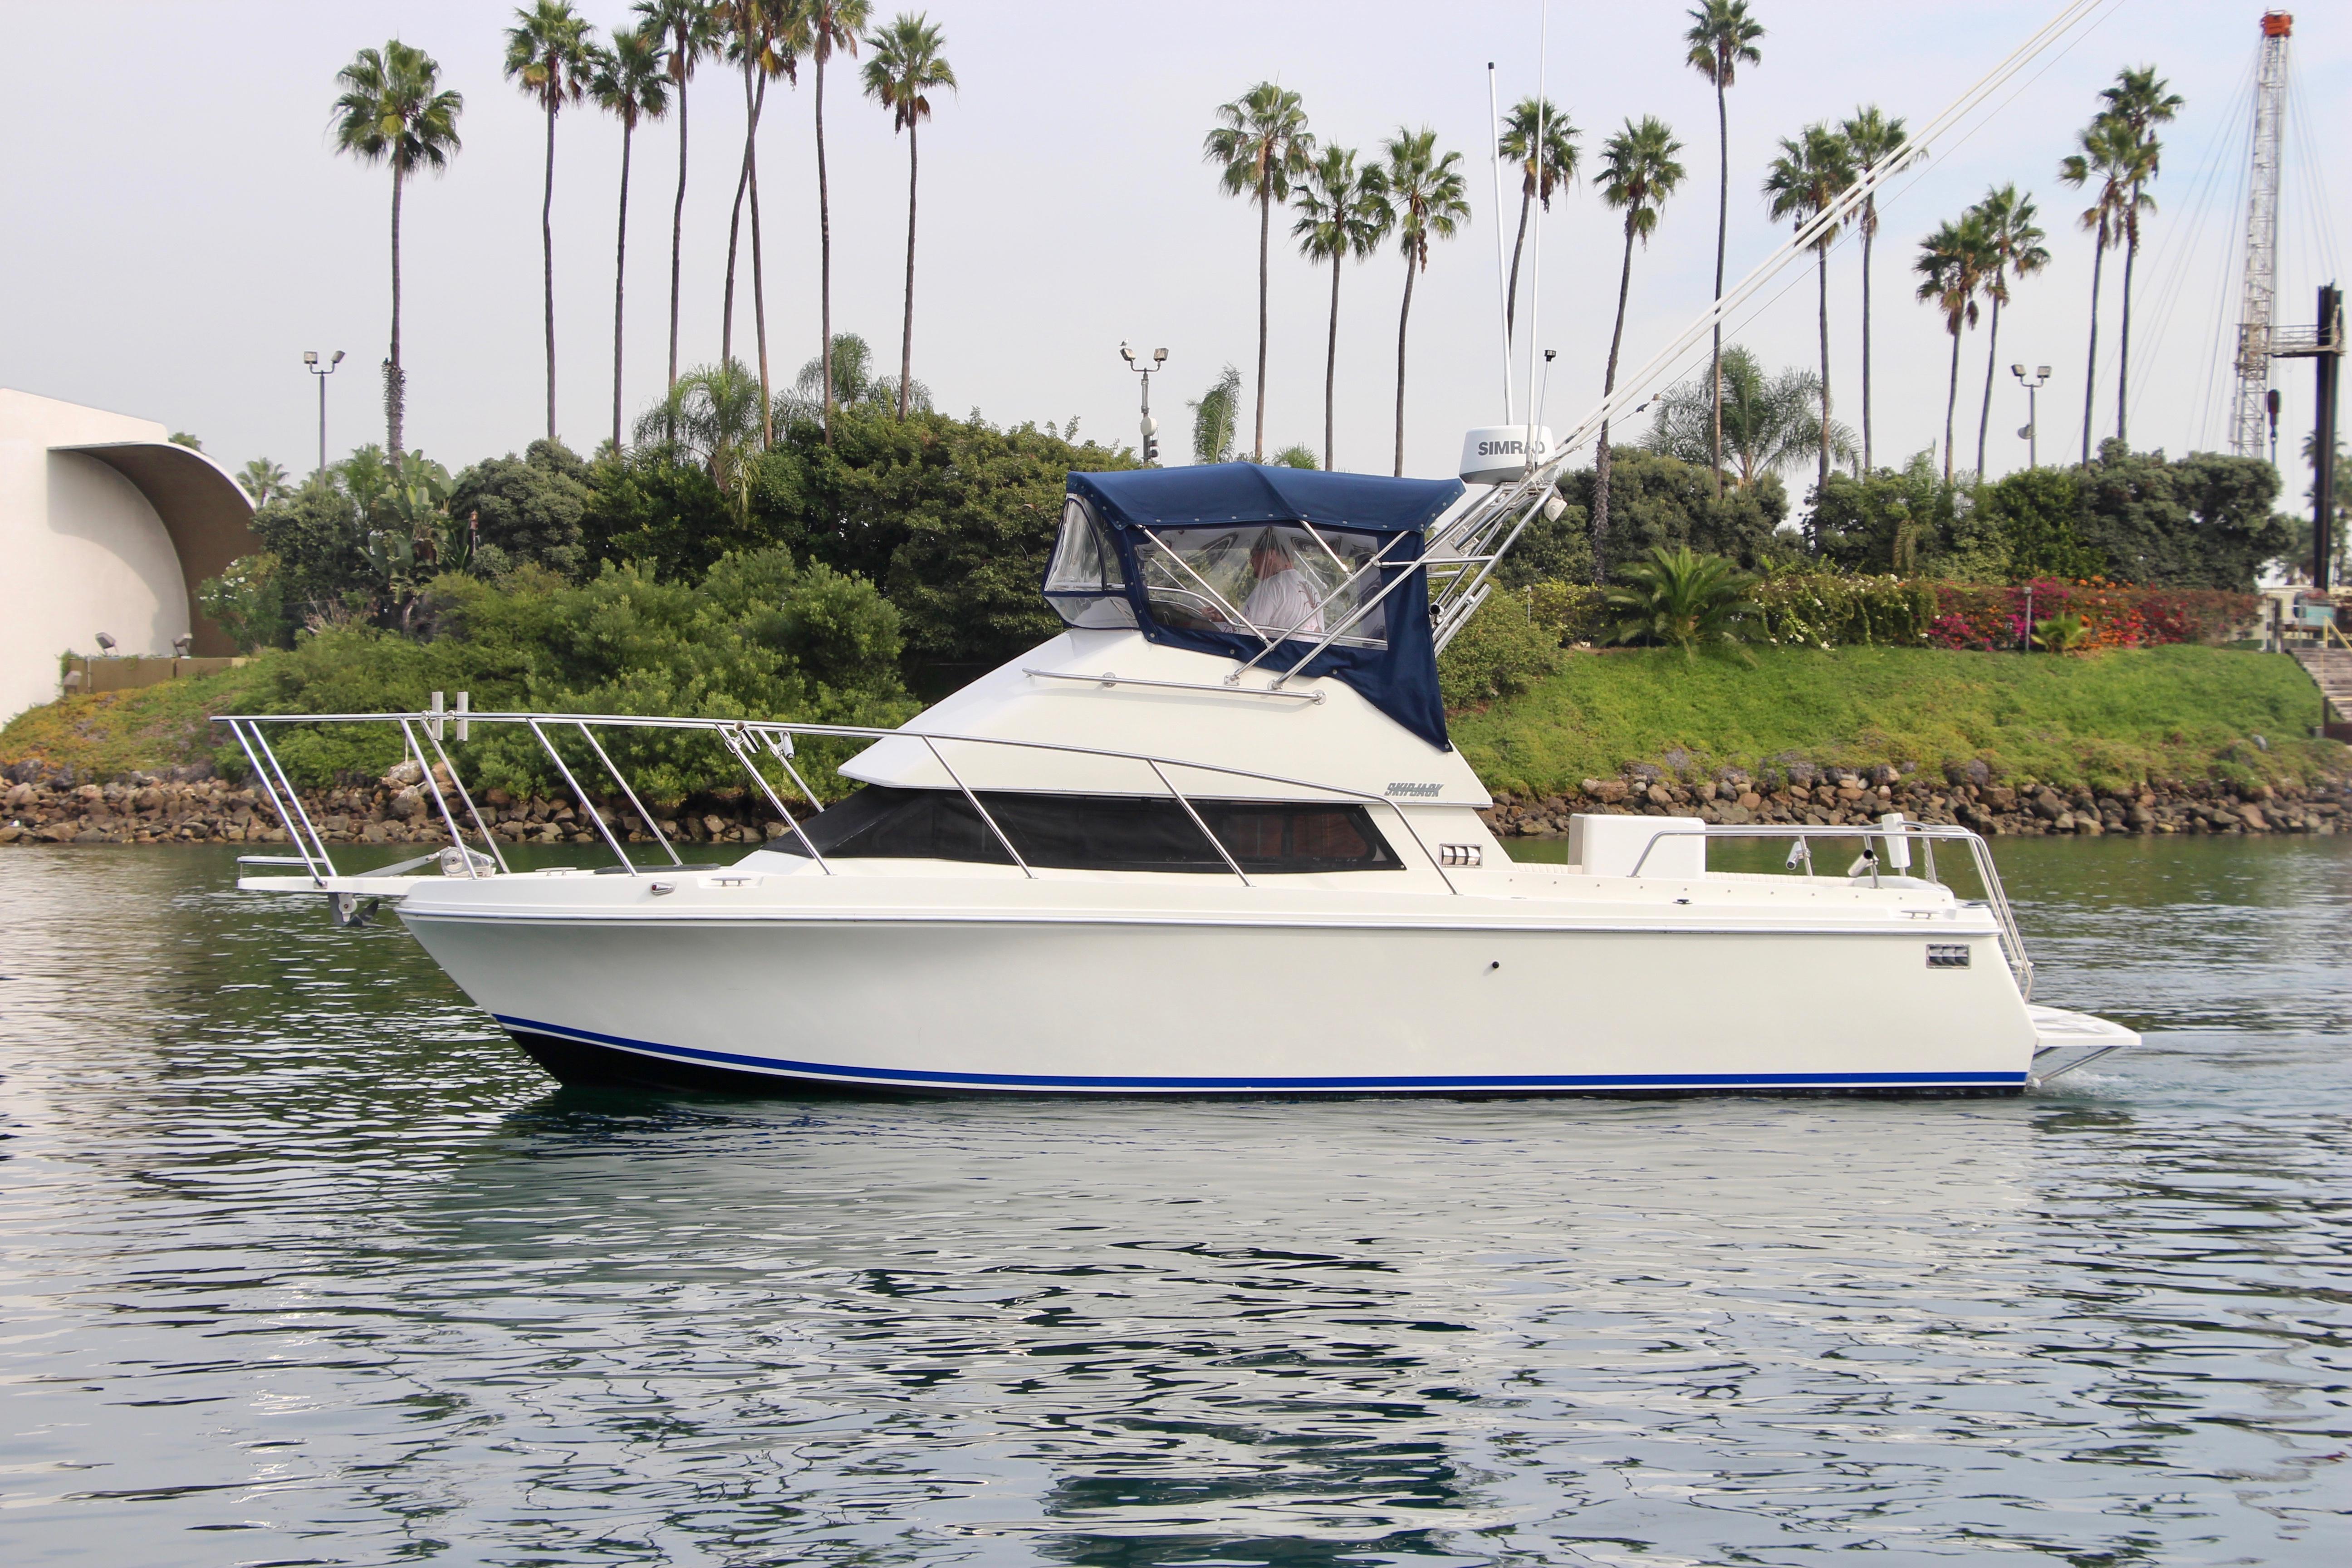 2001 Skipjack 262 Flybridge Power Boat For Sale - www.yachtworld.com